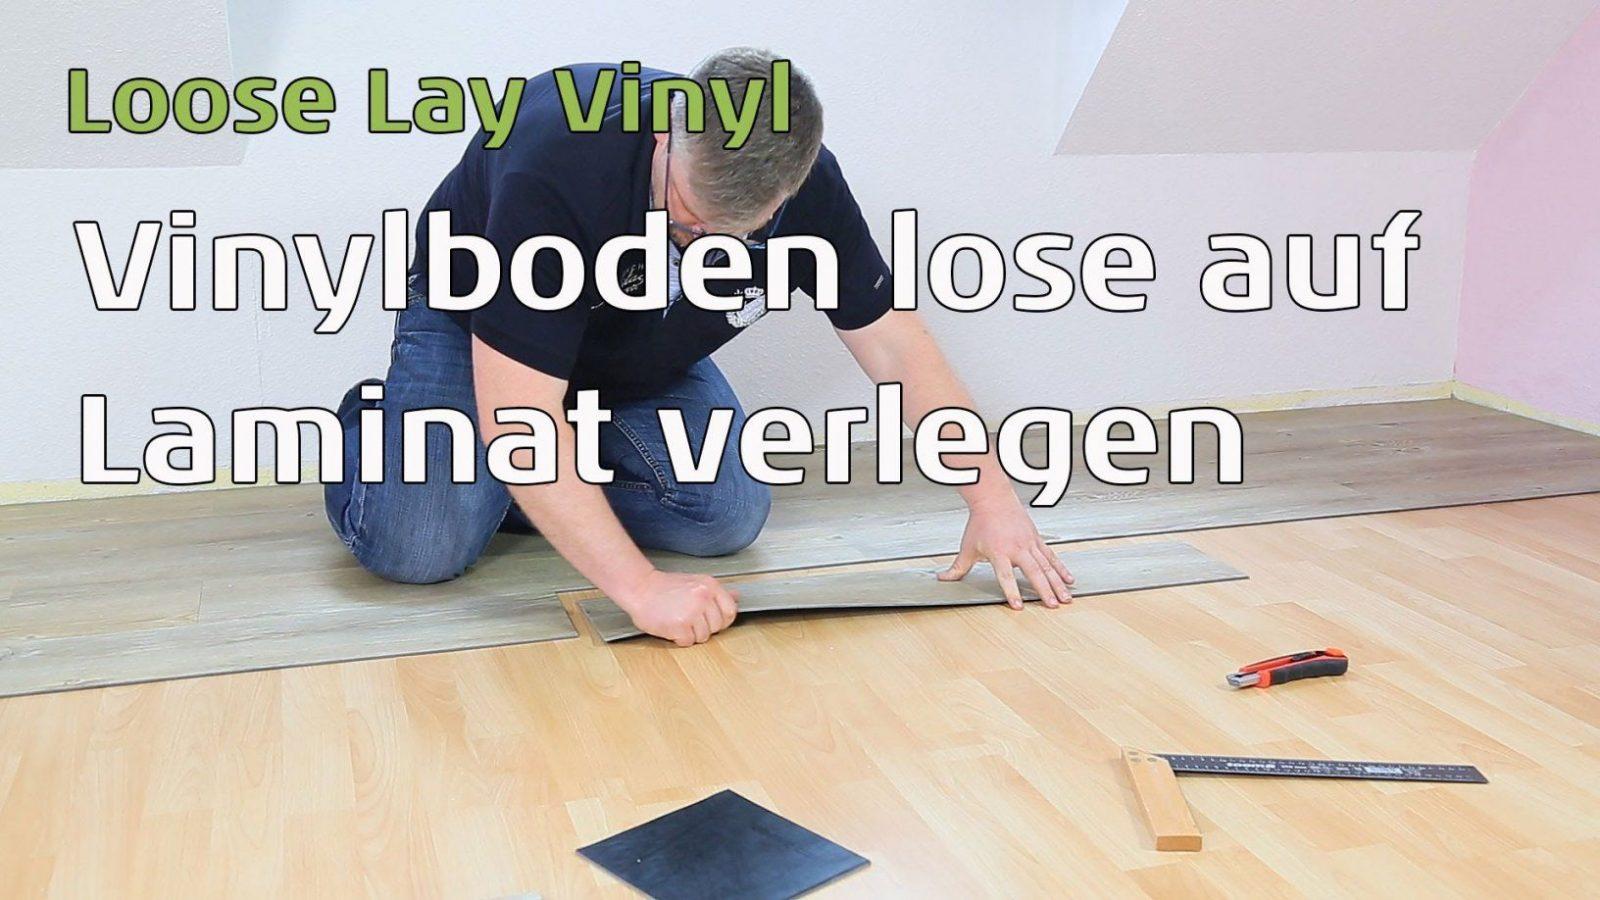 Vinylboden Lose Verlegen  Loose Lay Vinyl  Youtube von Vinylboden Auf Fliesen Mit Fussbodenheizung Verlegen Bild